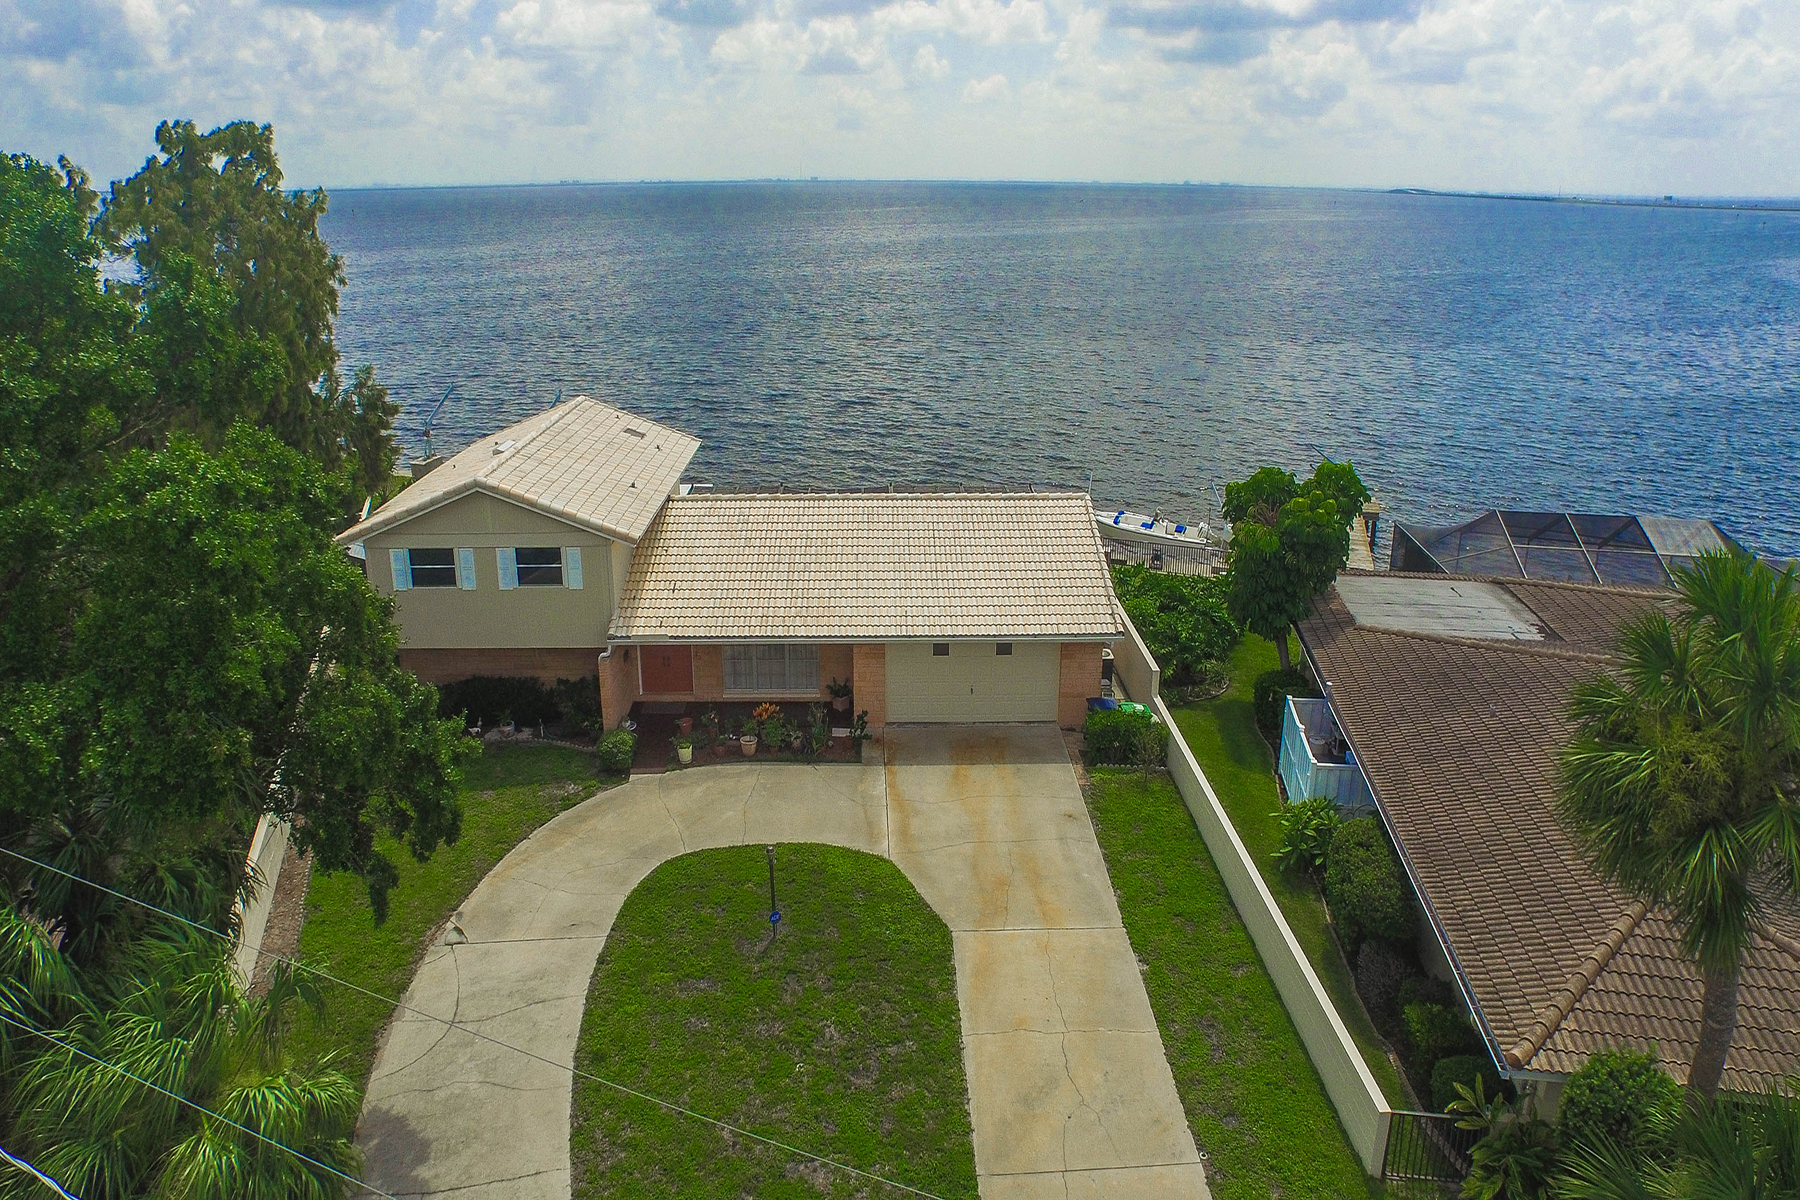 Maison unifamiliale pour l Vente à SOUTH TAMPA 32 Sandpiper Rd Tampa, Florida 33609 États-Unis